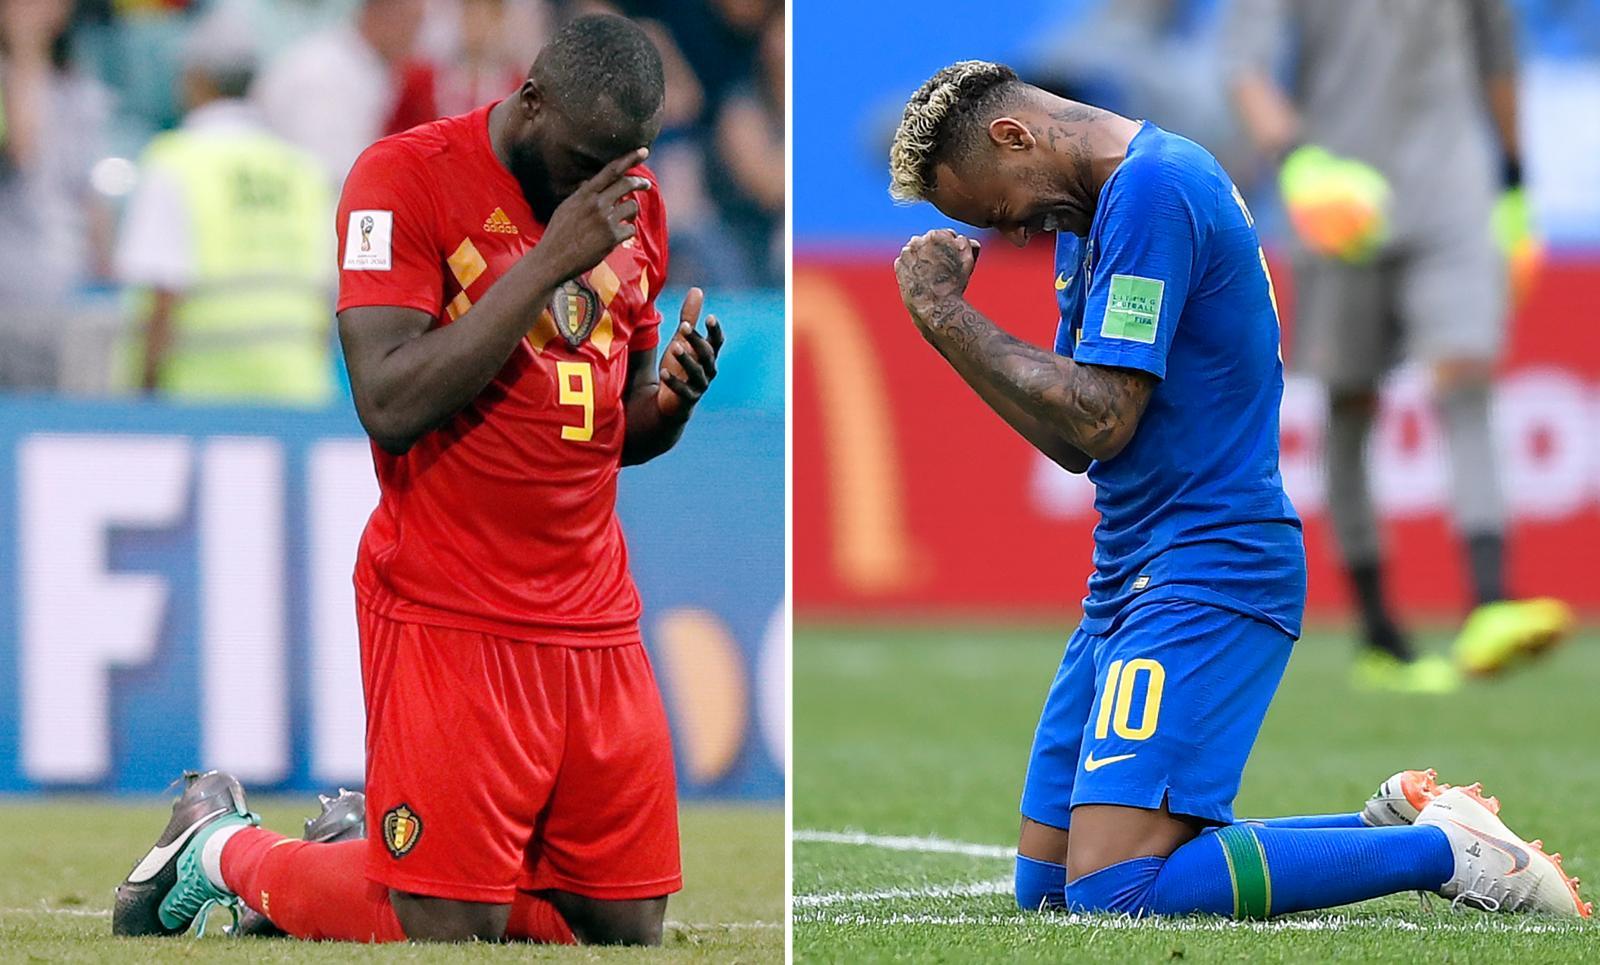 """""""บราซิล"""" ปะทะ """"เบลเยียม"""" ใครจะเข้ารอบ 4 ทีมสุดท้าย!? ฟุตบอลโลก2018"""